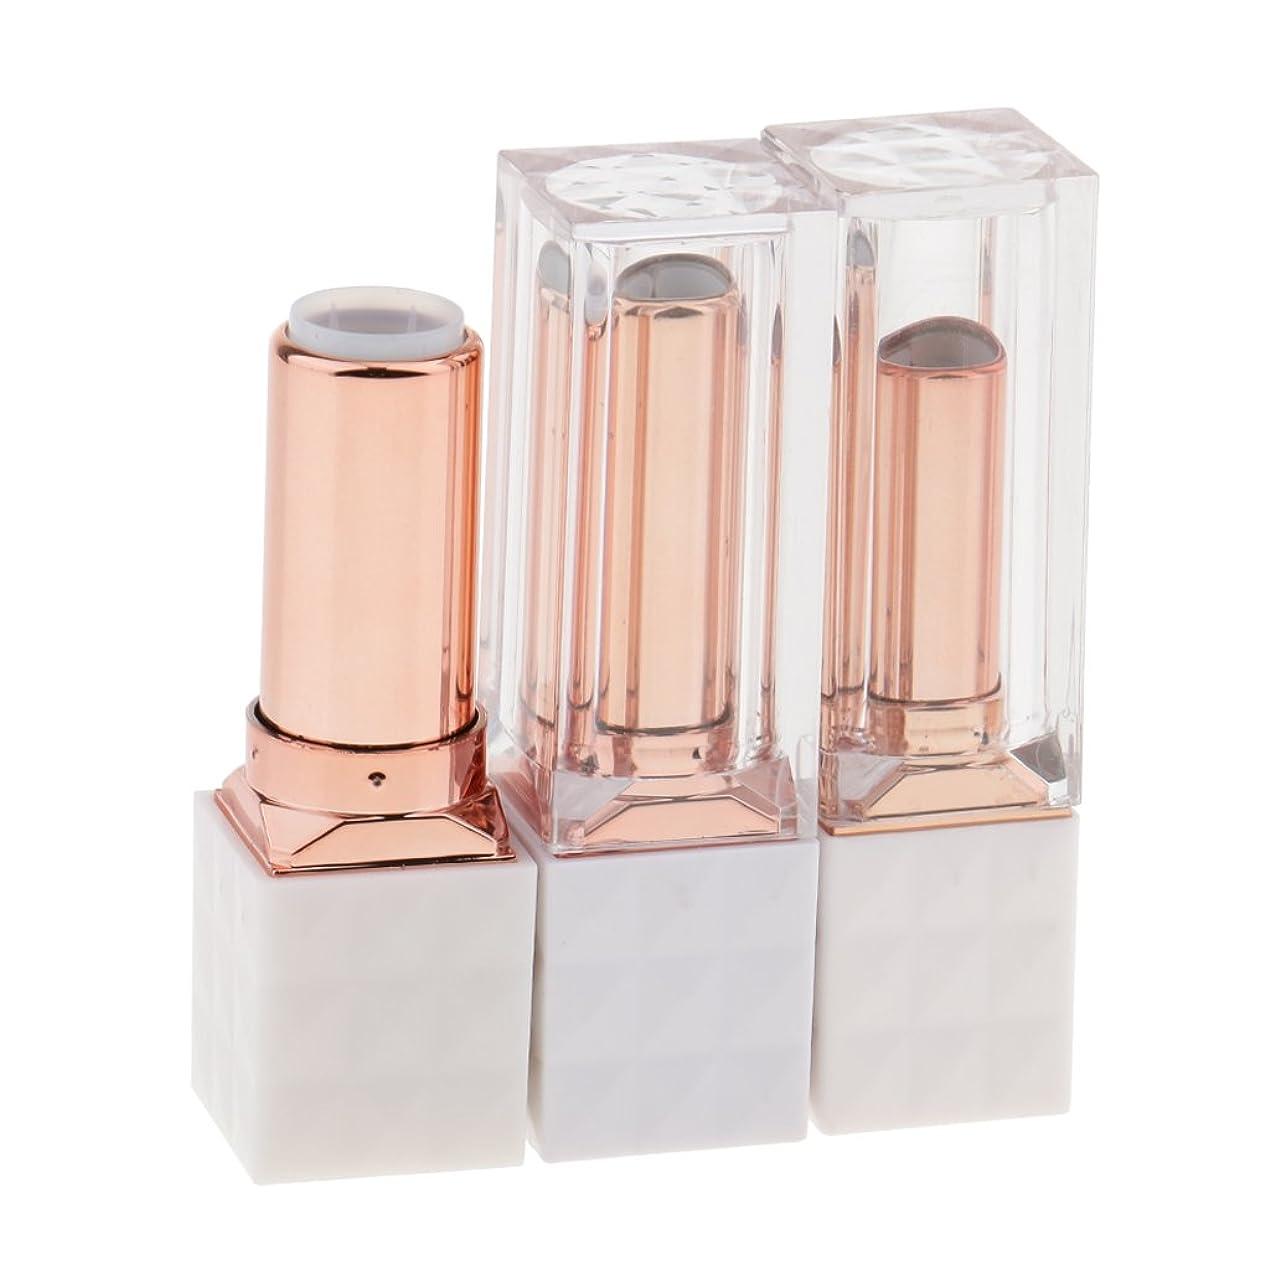 ティーム奨励します報酬のKOZEEY 3個 空チューブ リップバーム リップスティック コンディー 化粧品 コスメ 口紅 DIY 手作り プレゼント